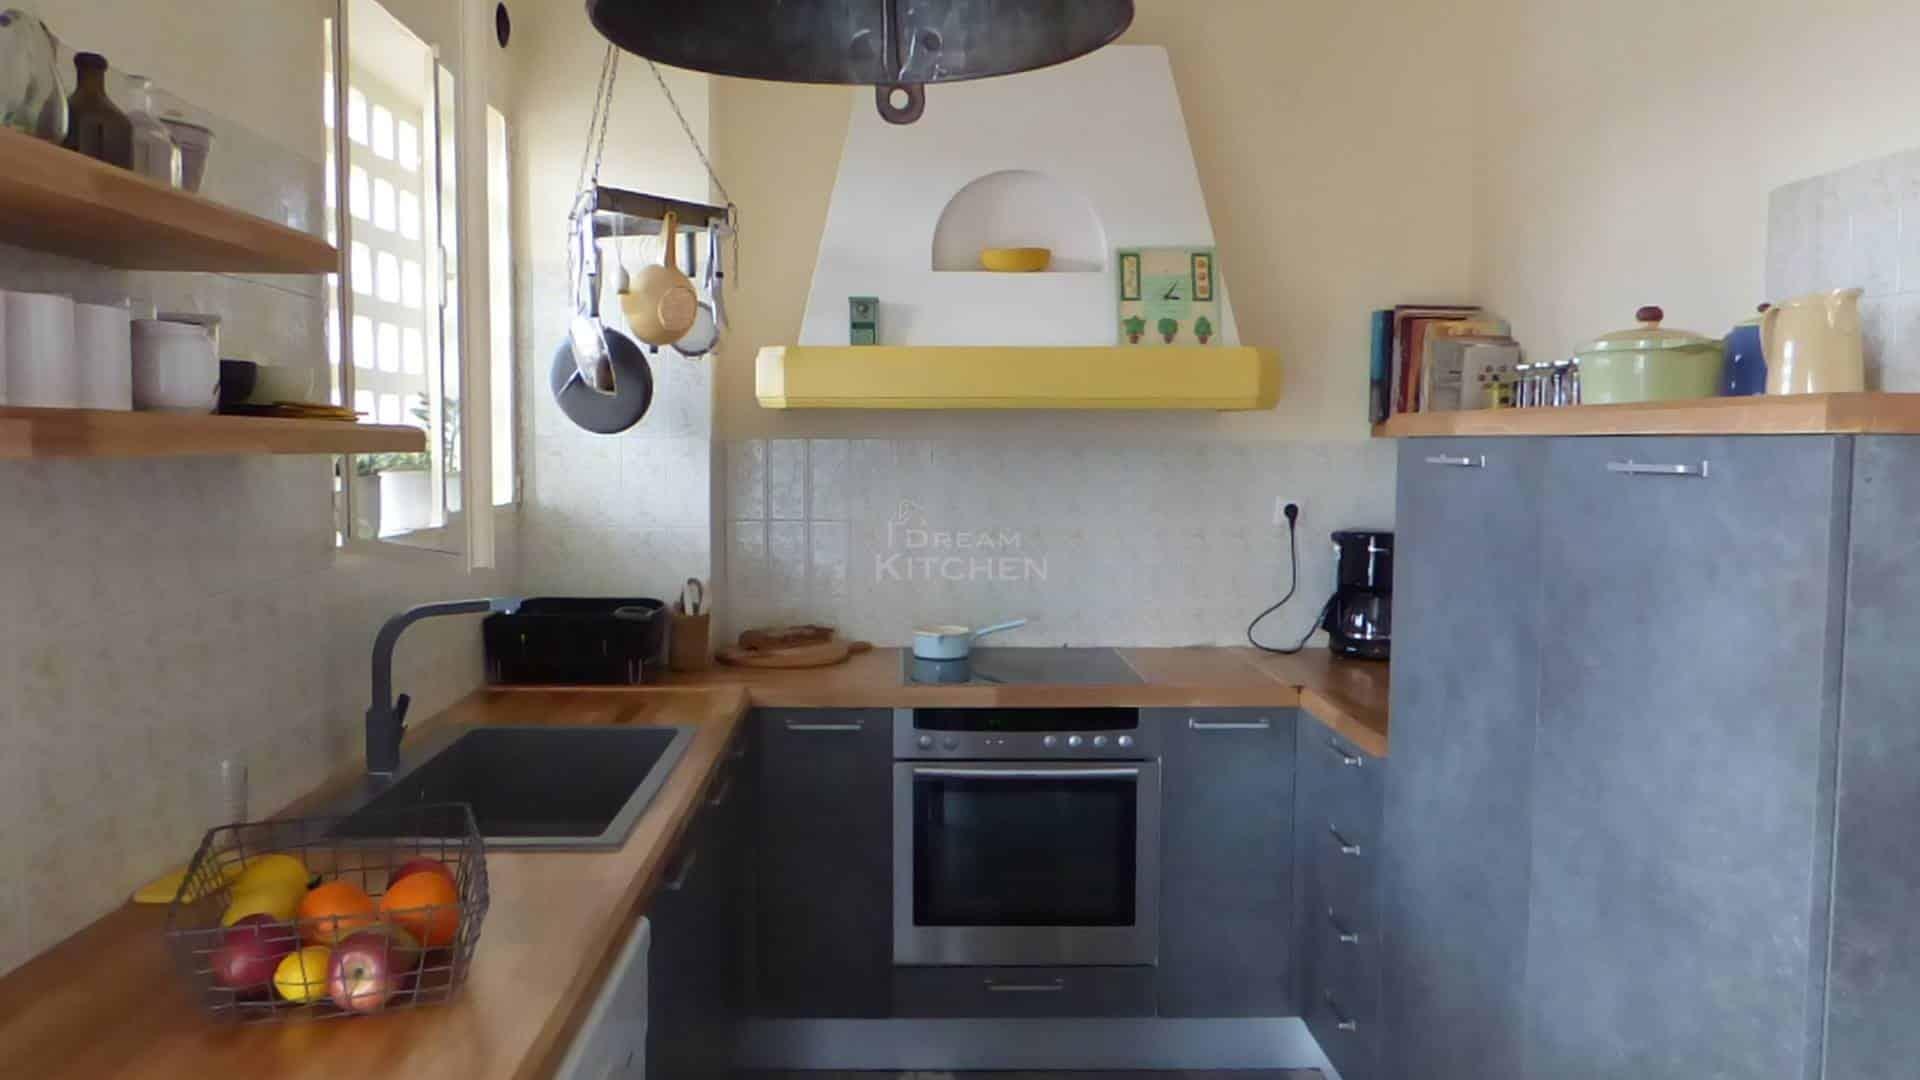 Κουζινα Τσιμεντενια με Μασιφ Παγκο 39